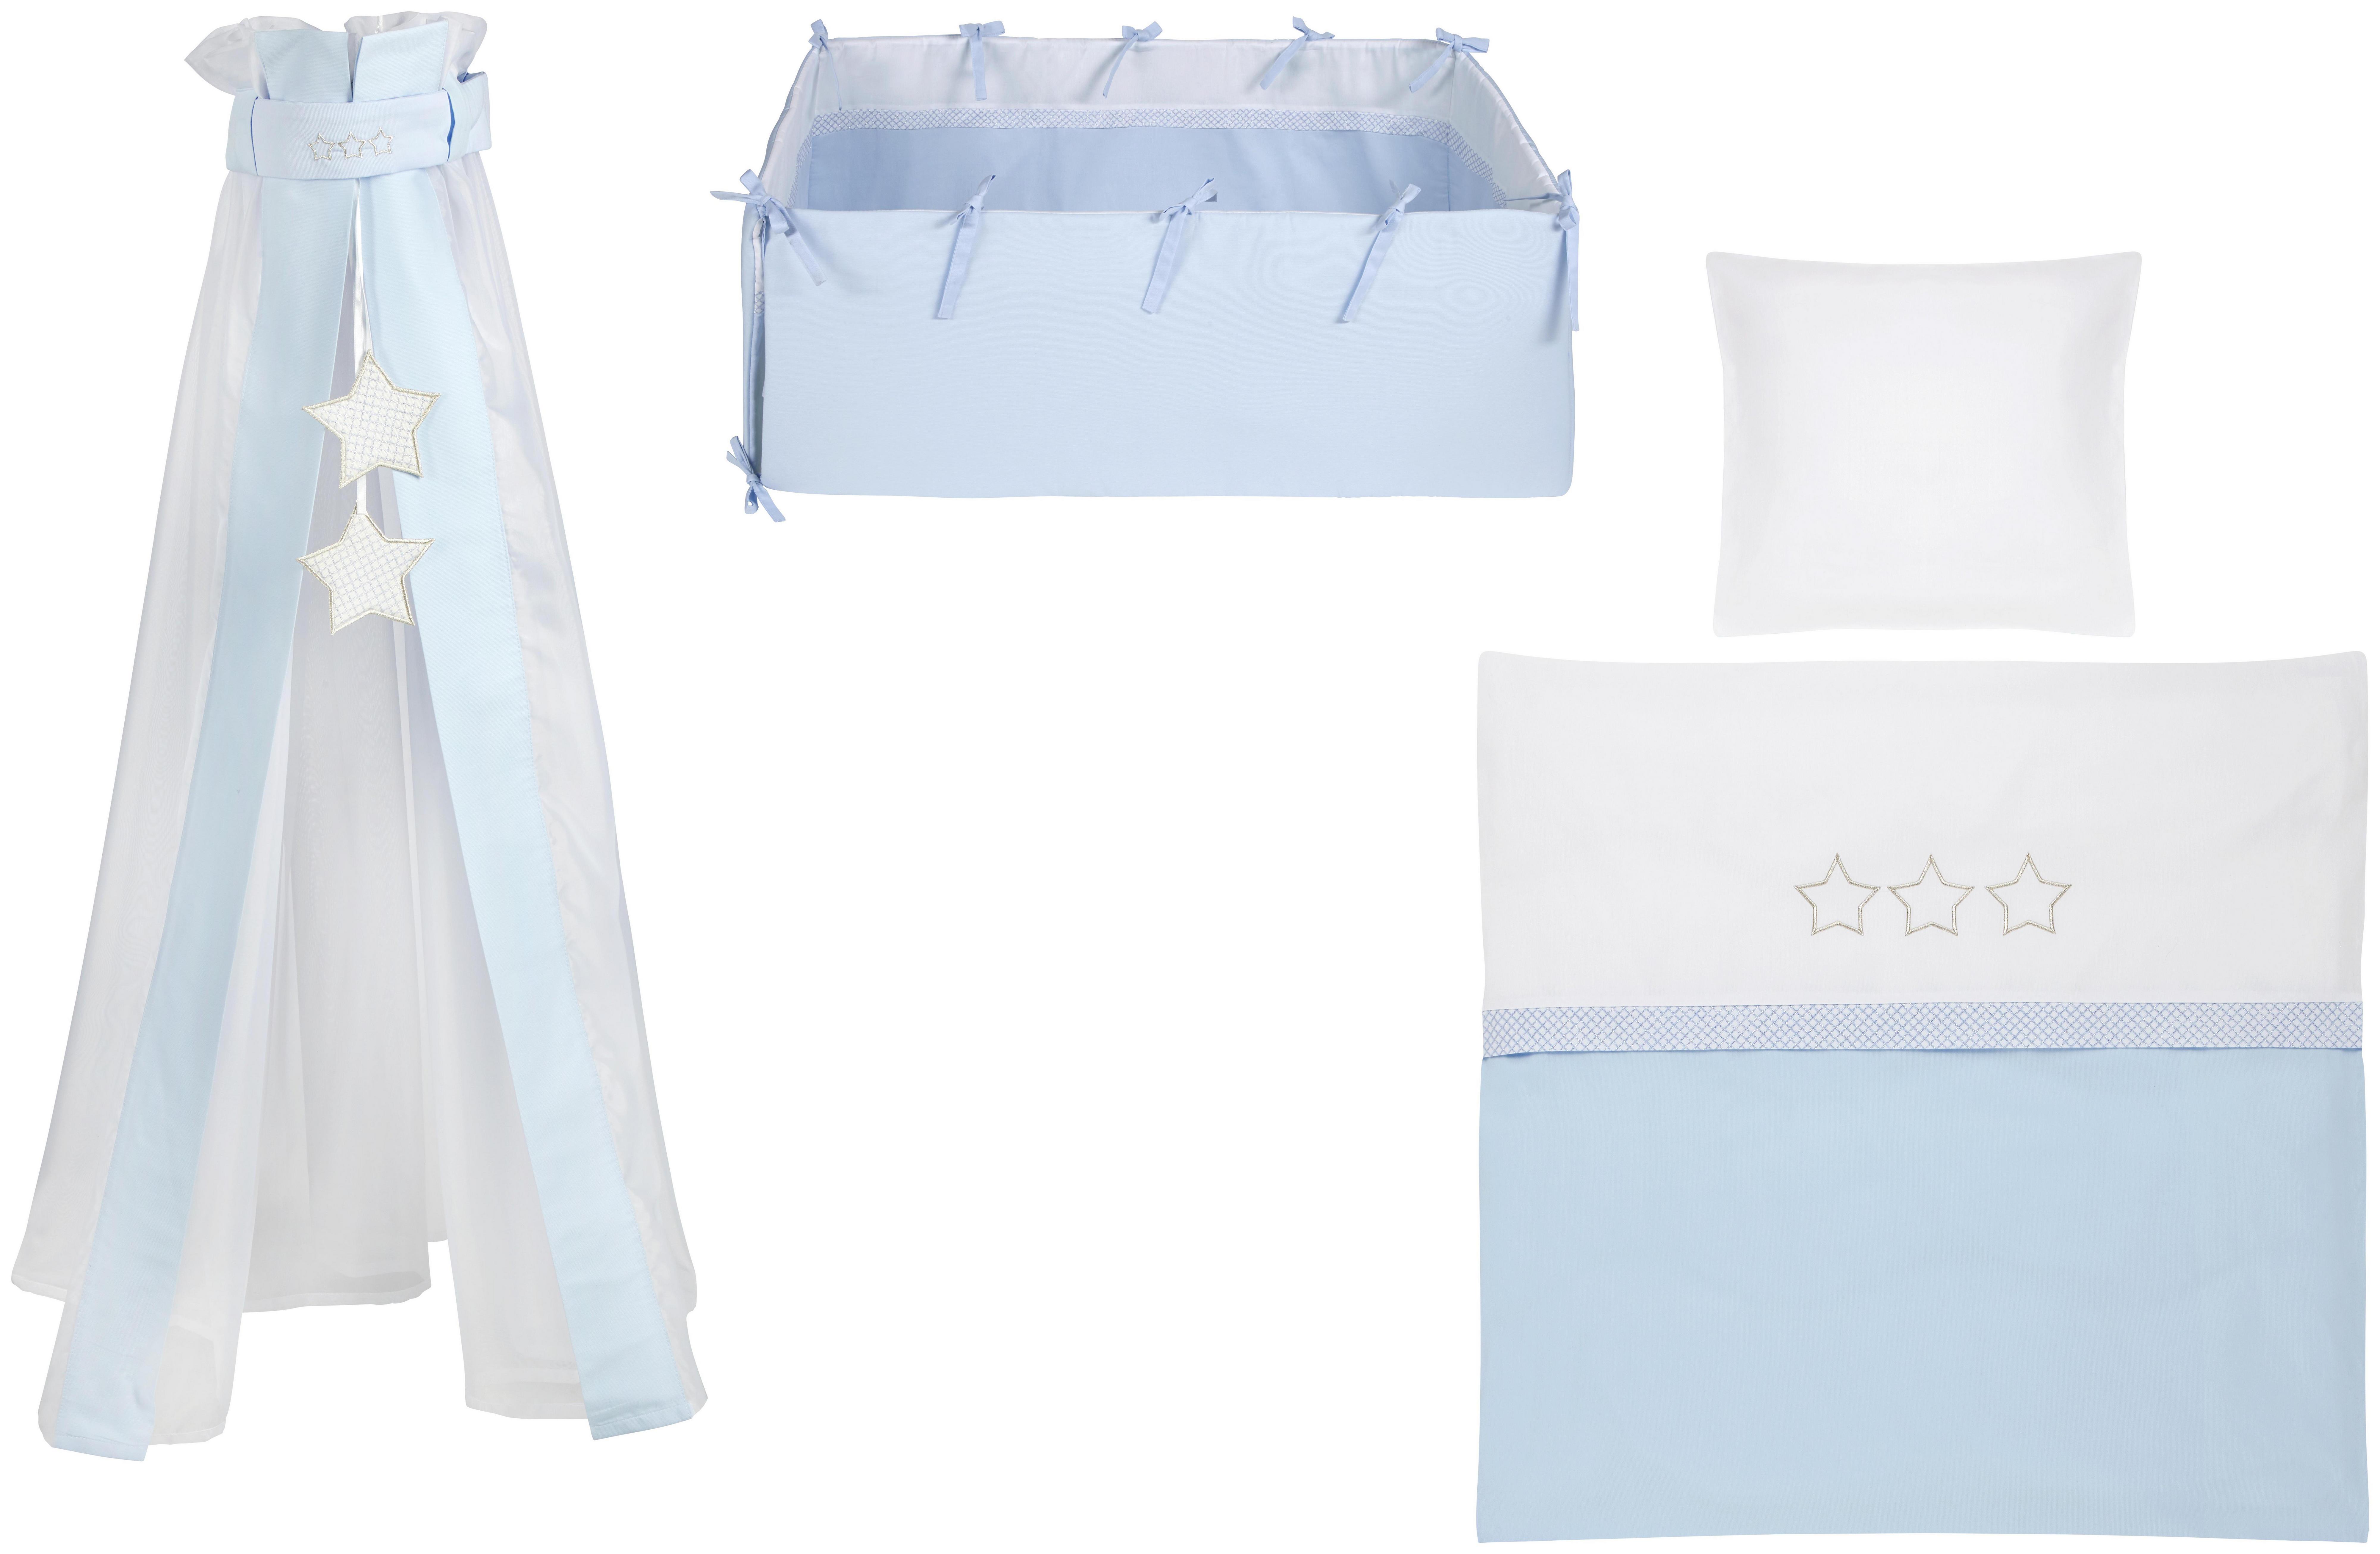 Wiegenset 3 stars blau weiß online kaufen ➤ xxxlutz